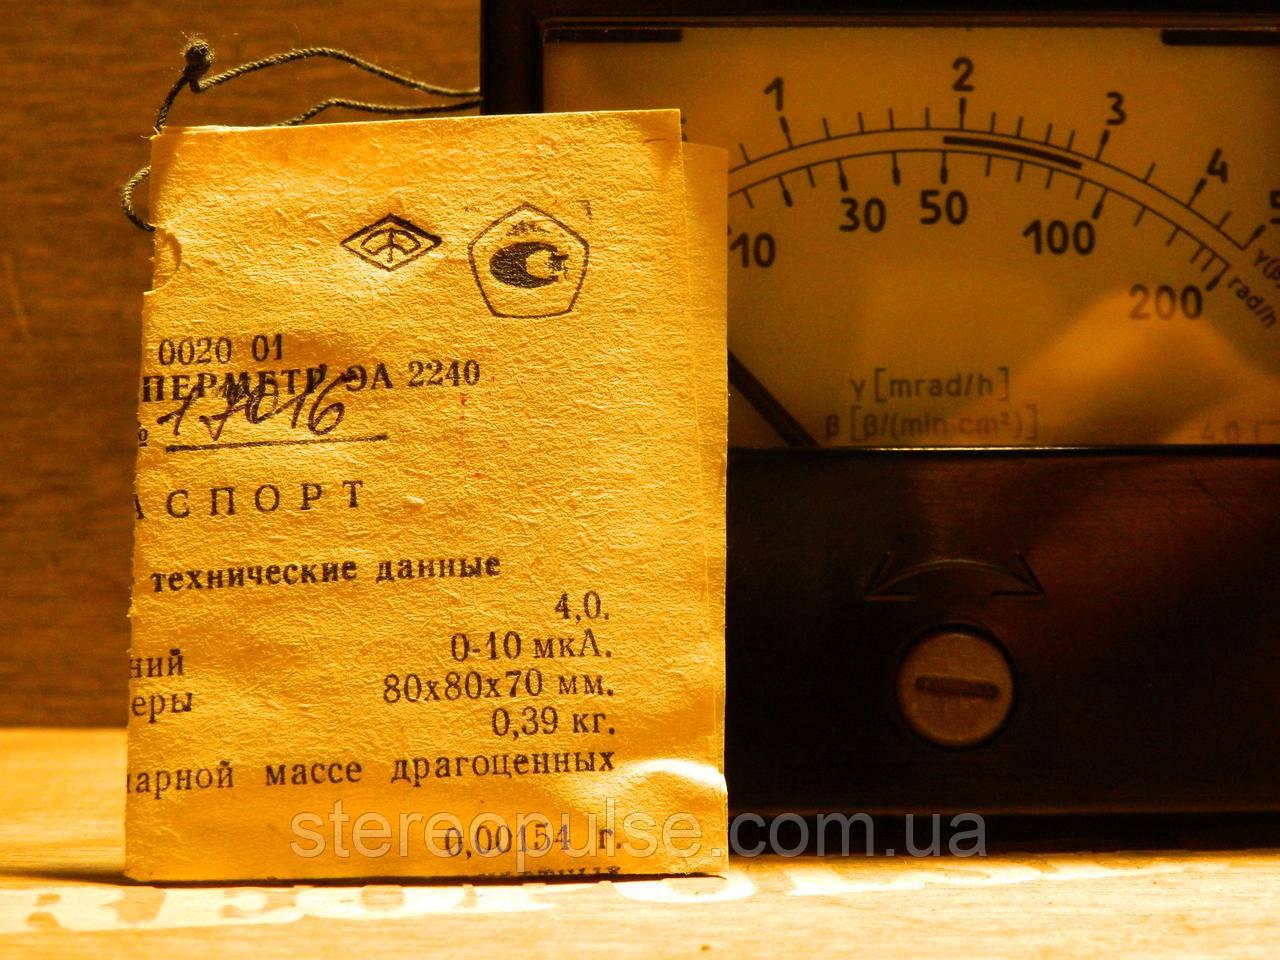 Головка измерительная ЭА2240  10мкА